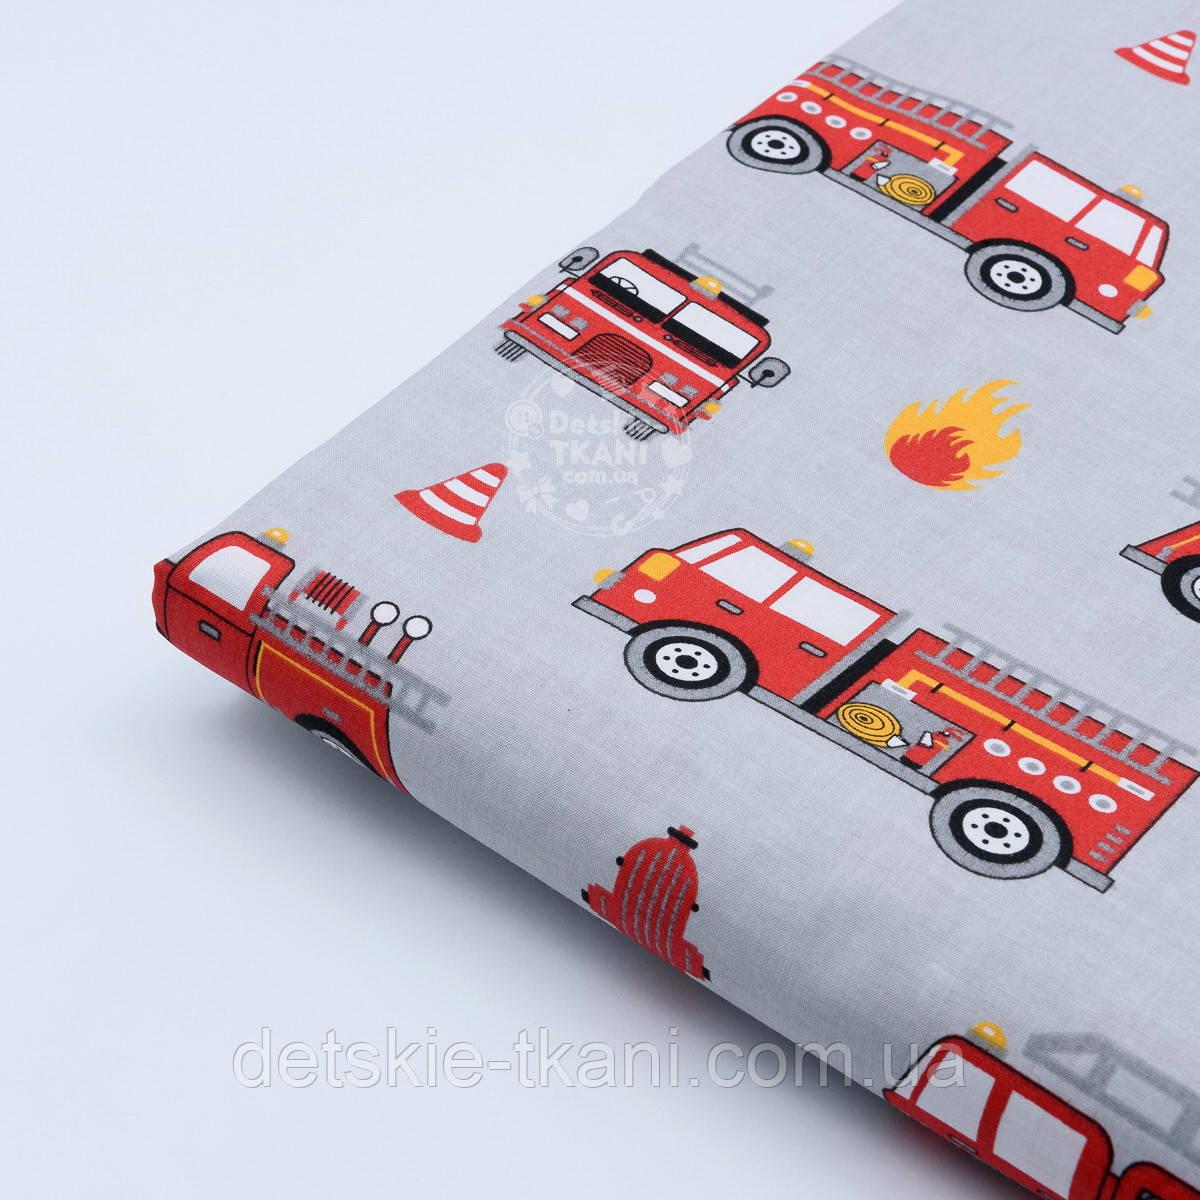 """Отрез хлопковой ткани """"Пожарные машины на сером фоне"""", № 1185, размер 52*160"""